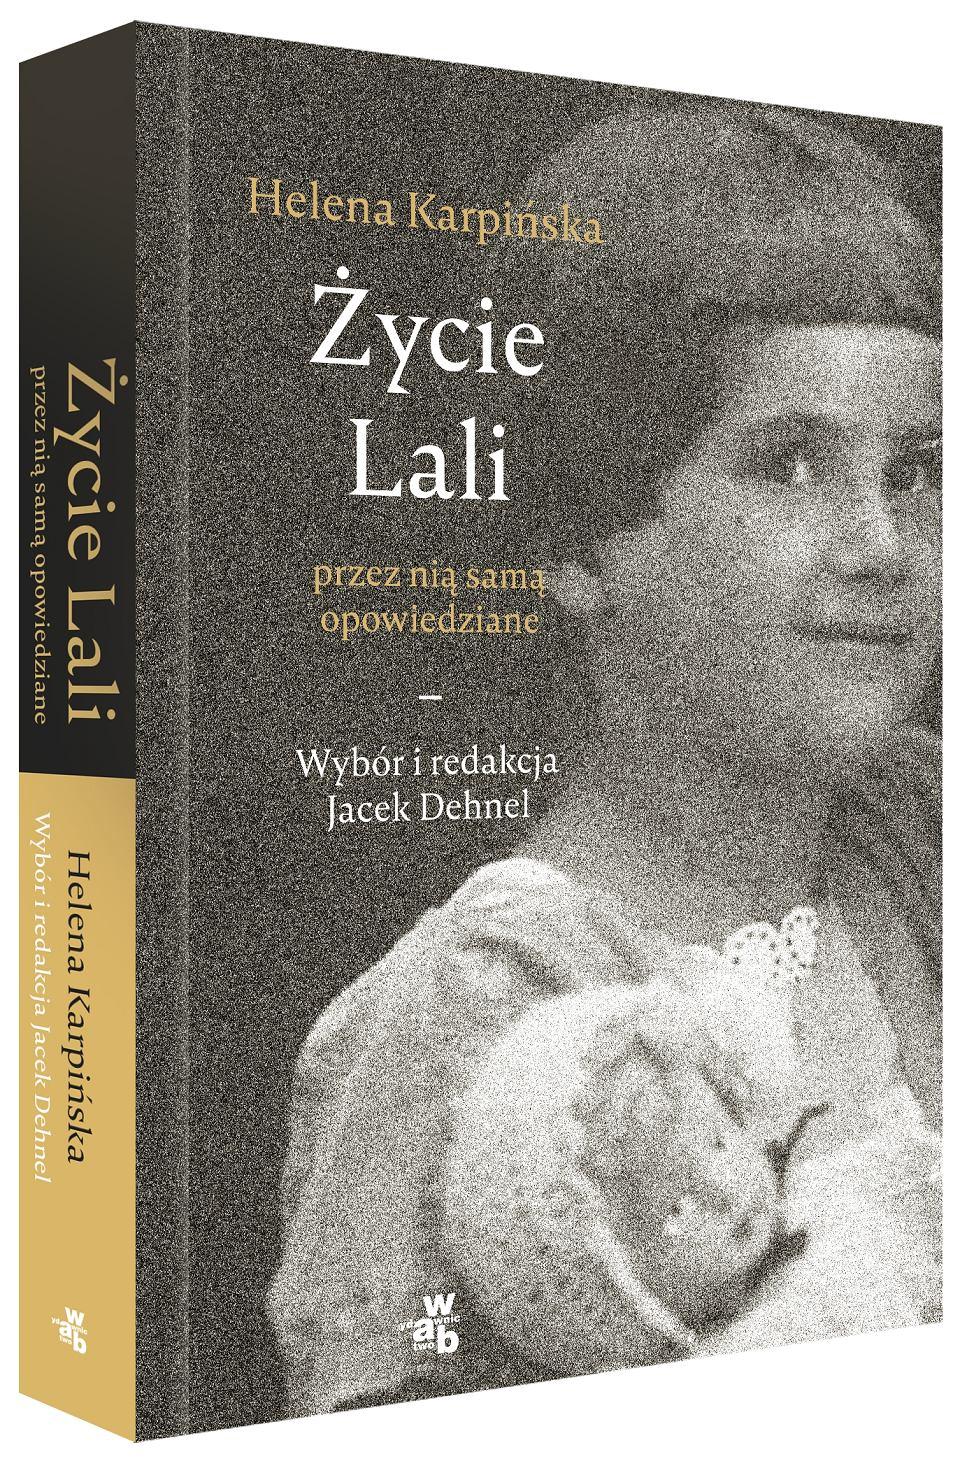 Życie Lali przez nią samą opowiedziane; Jacek Dehnel, Helena Karpińska